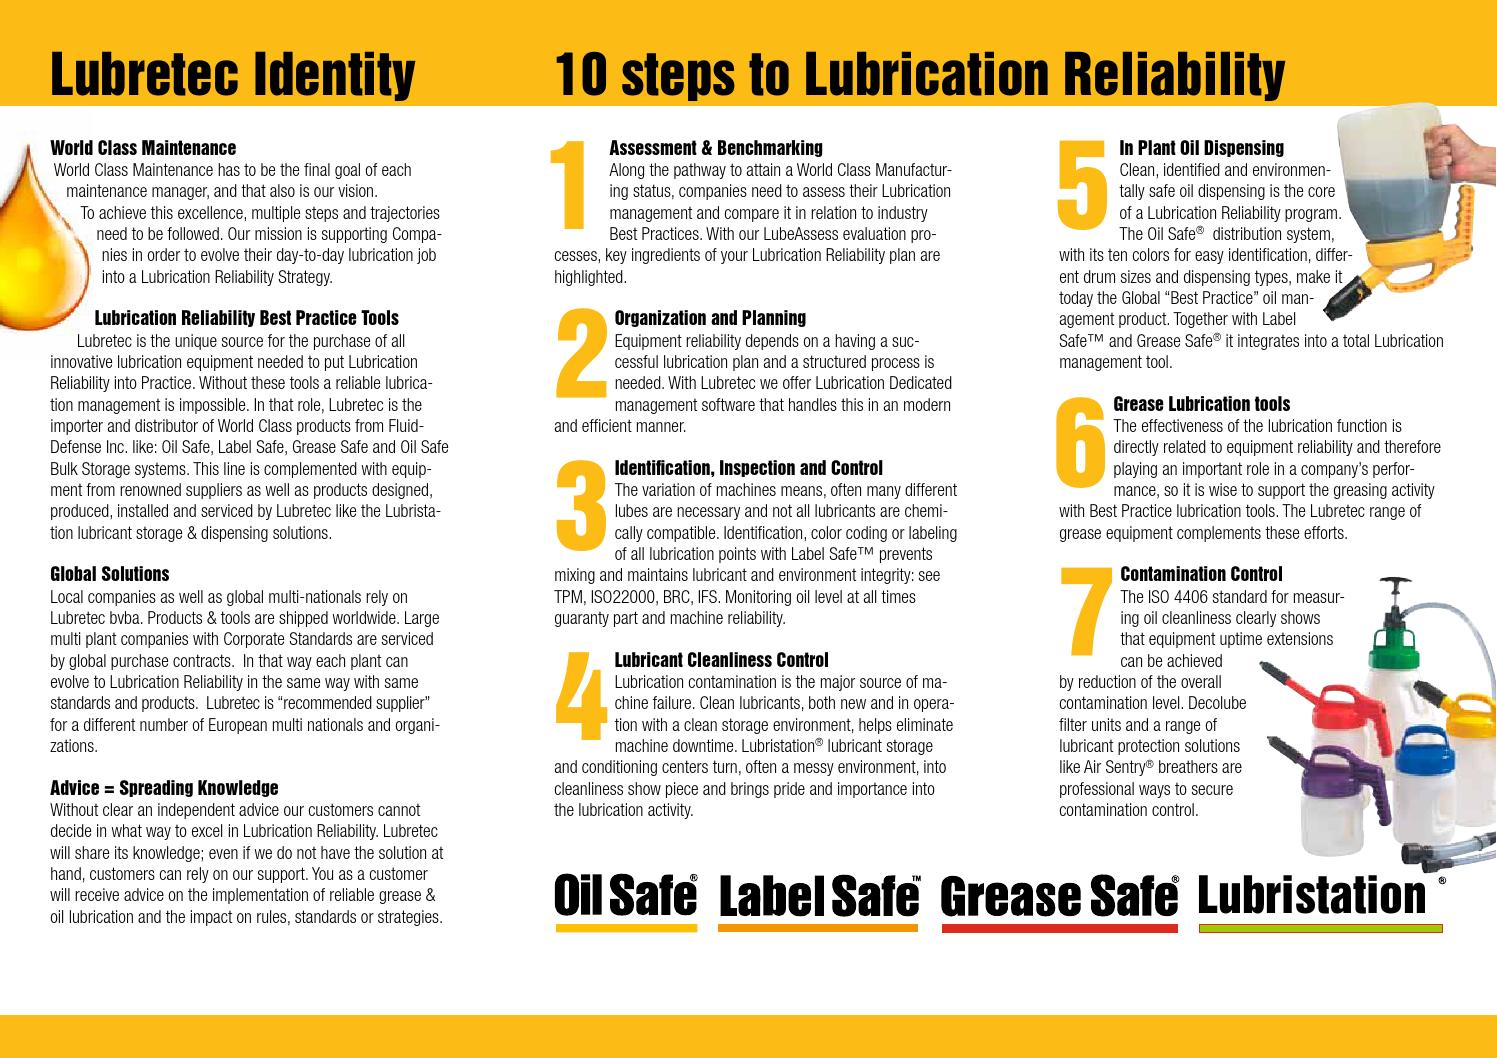 Lubretec flyer lowres by Lubretec bvba - issuu